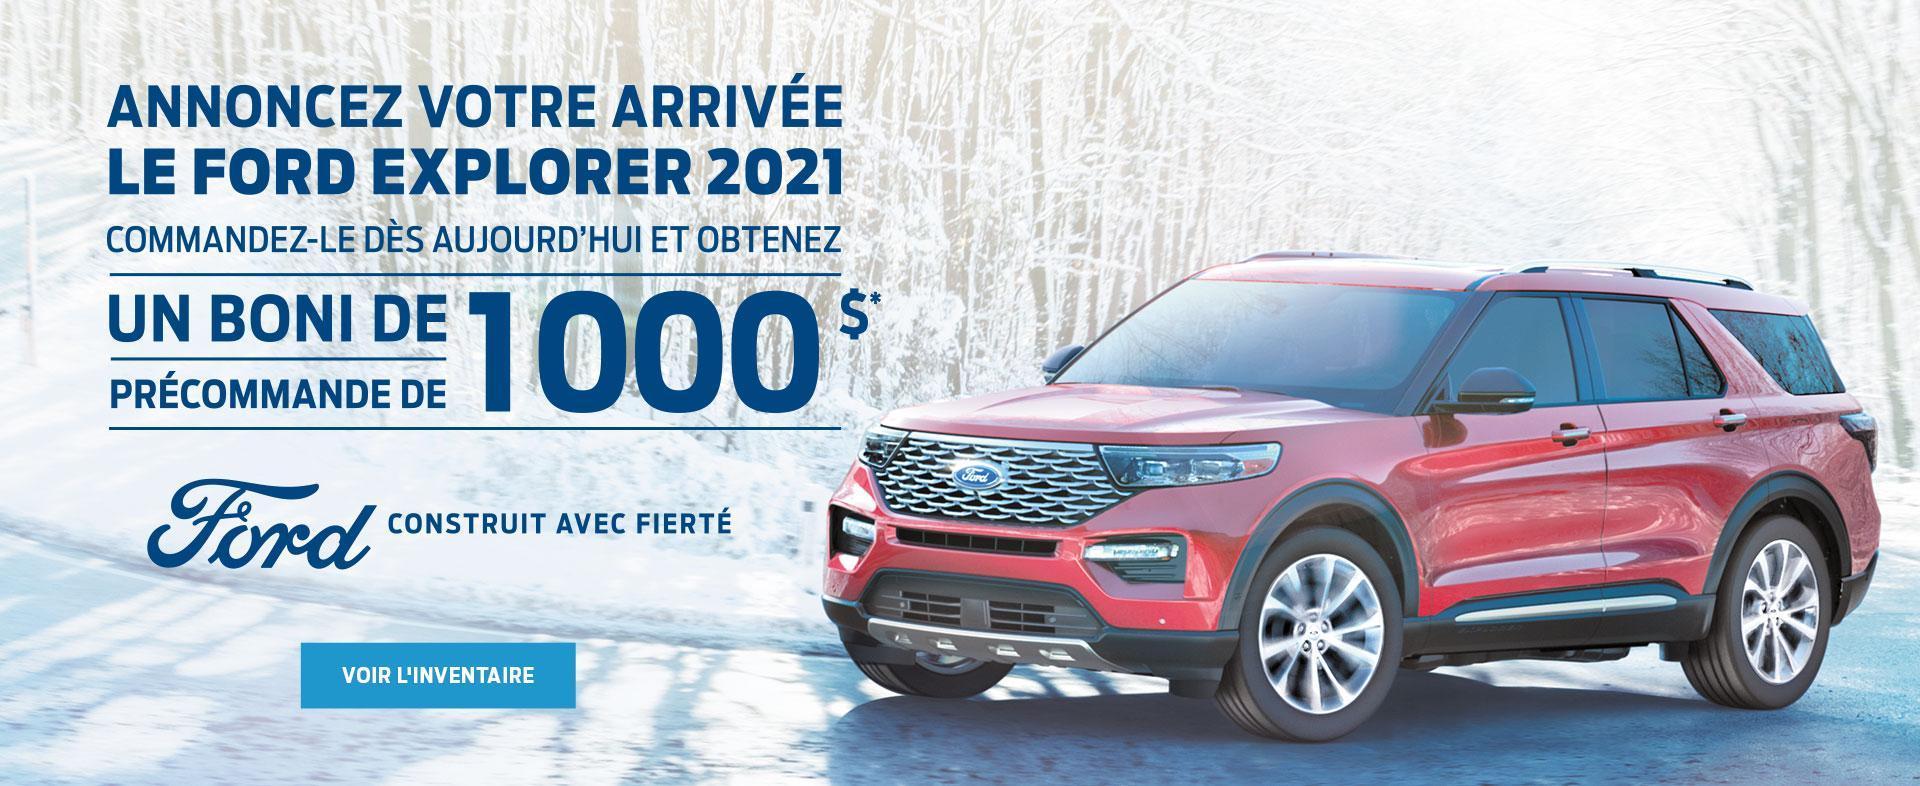 ANNONCEZ VOTRE ARRIVEE LE FORD EXPLORER 2021